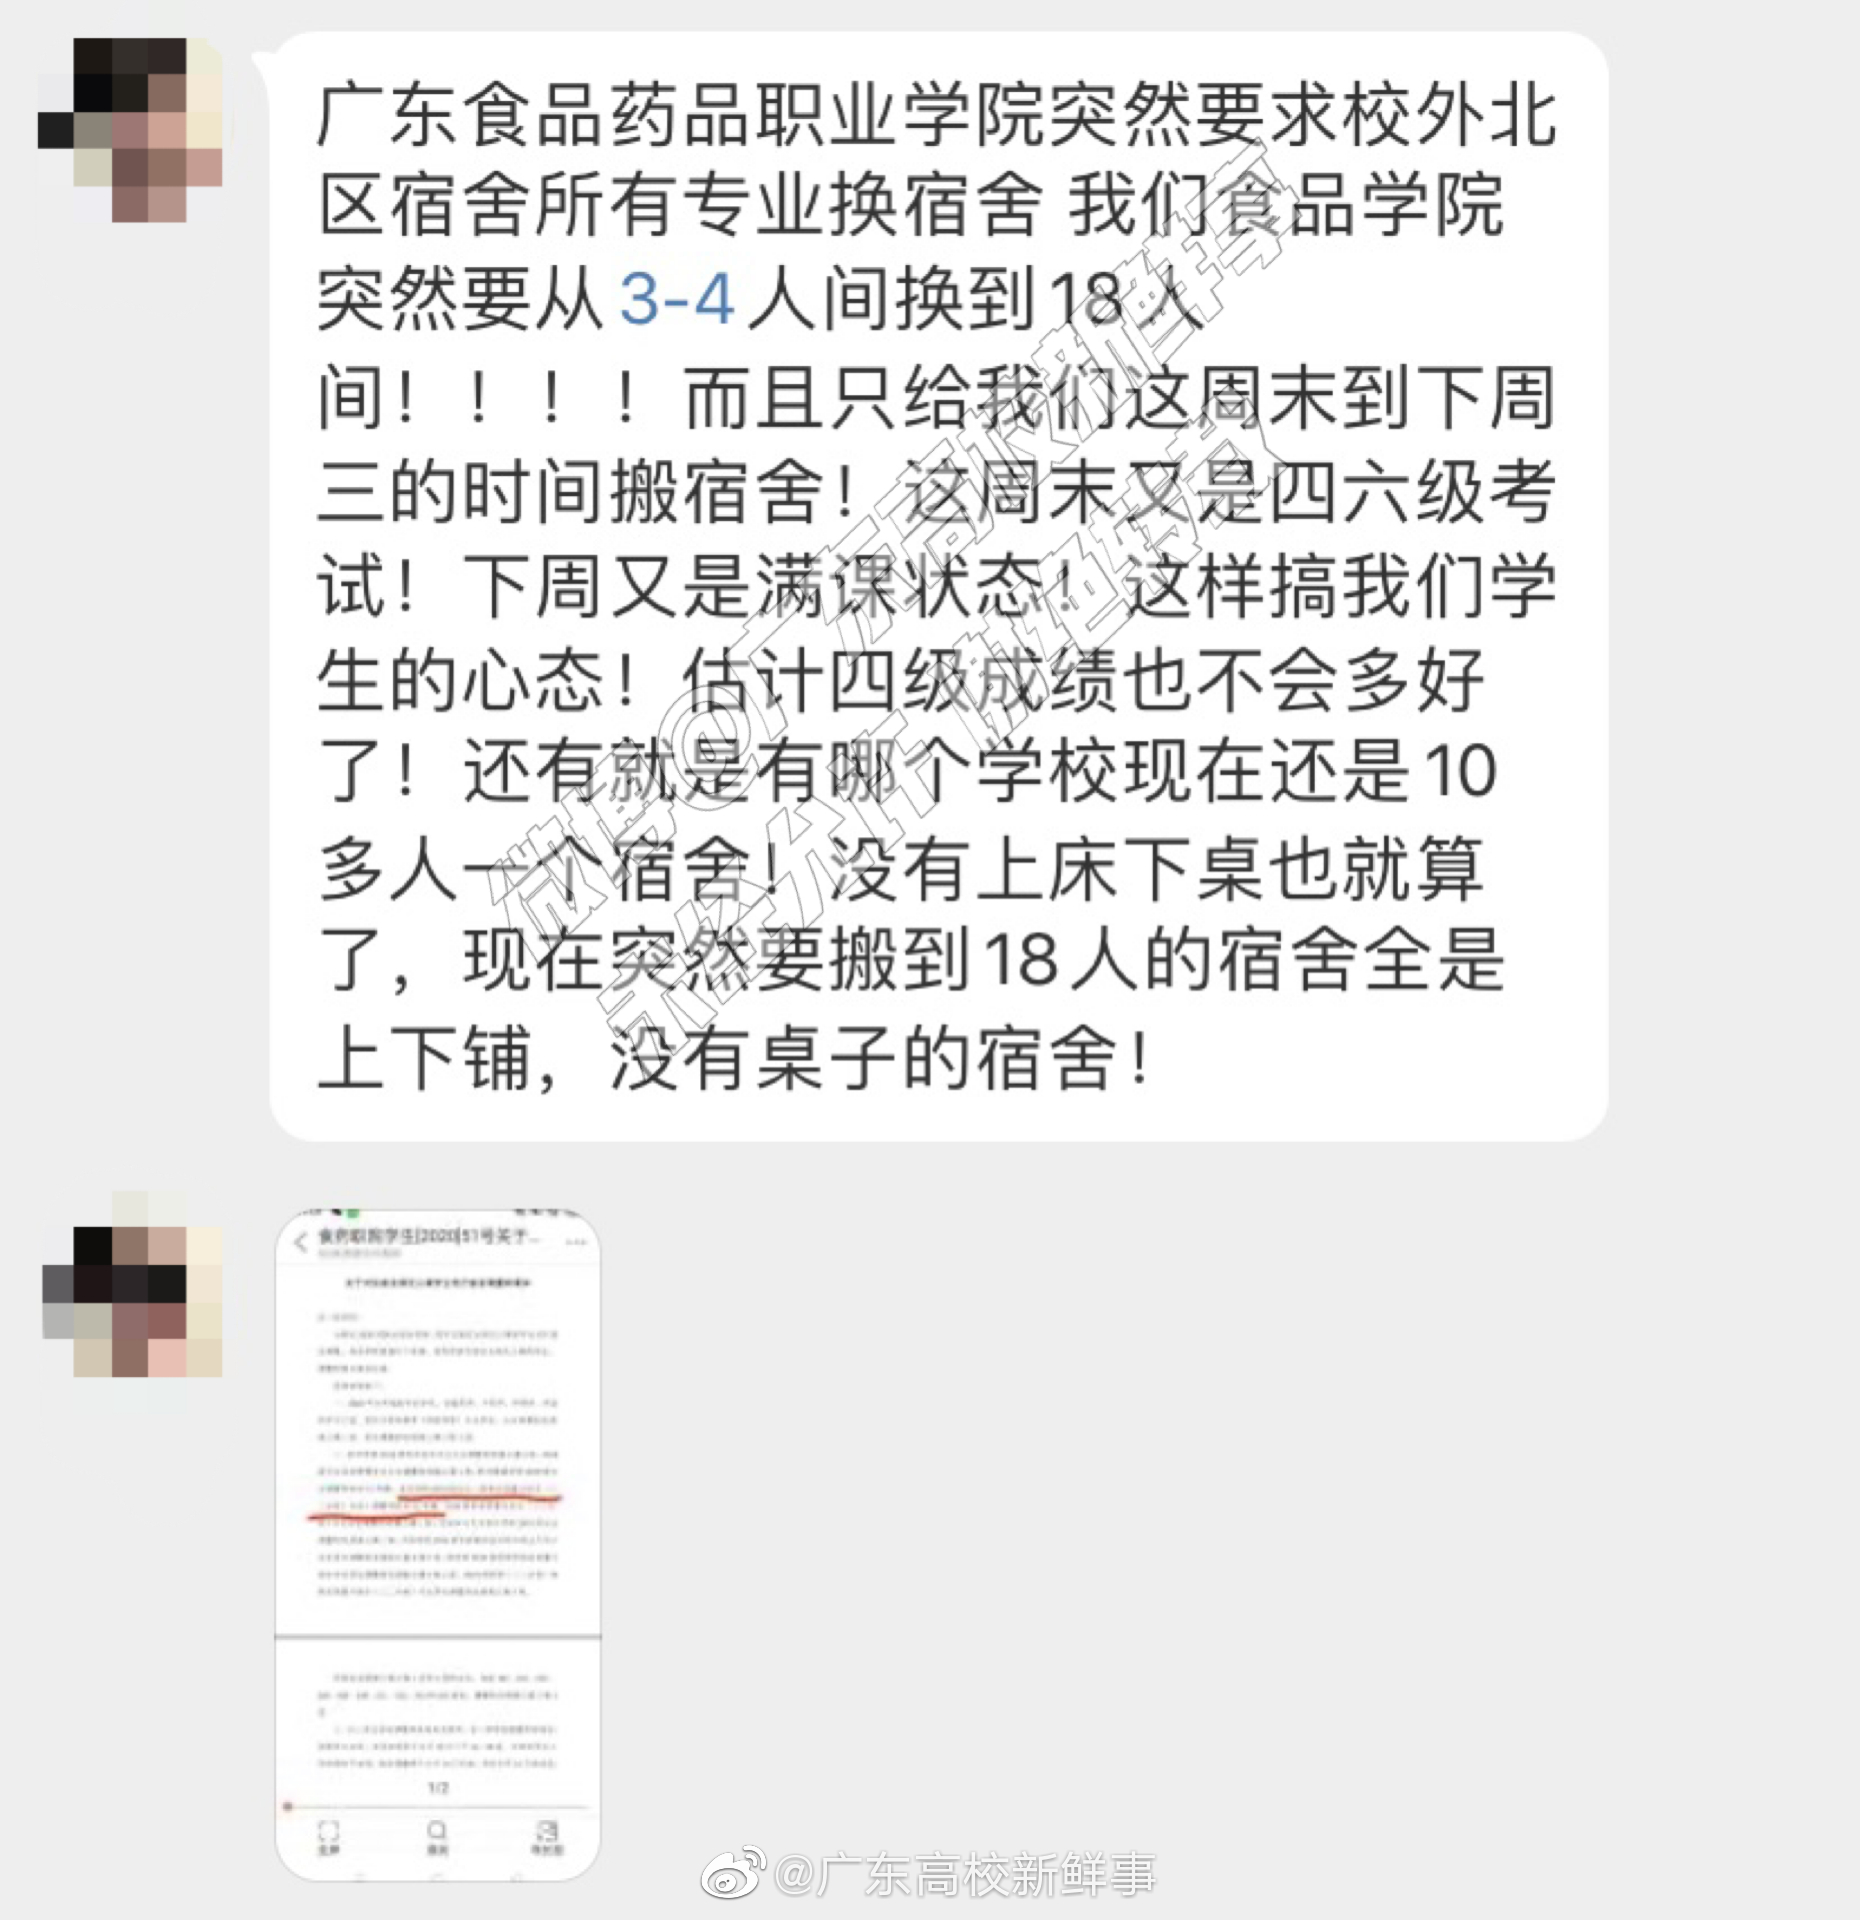 广东食品药品职业技术学院部分专业的女生将进行宿舍调整